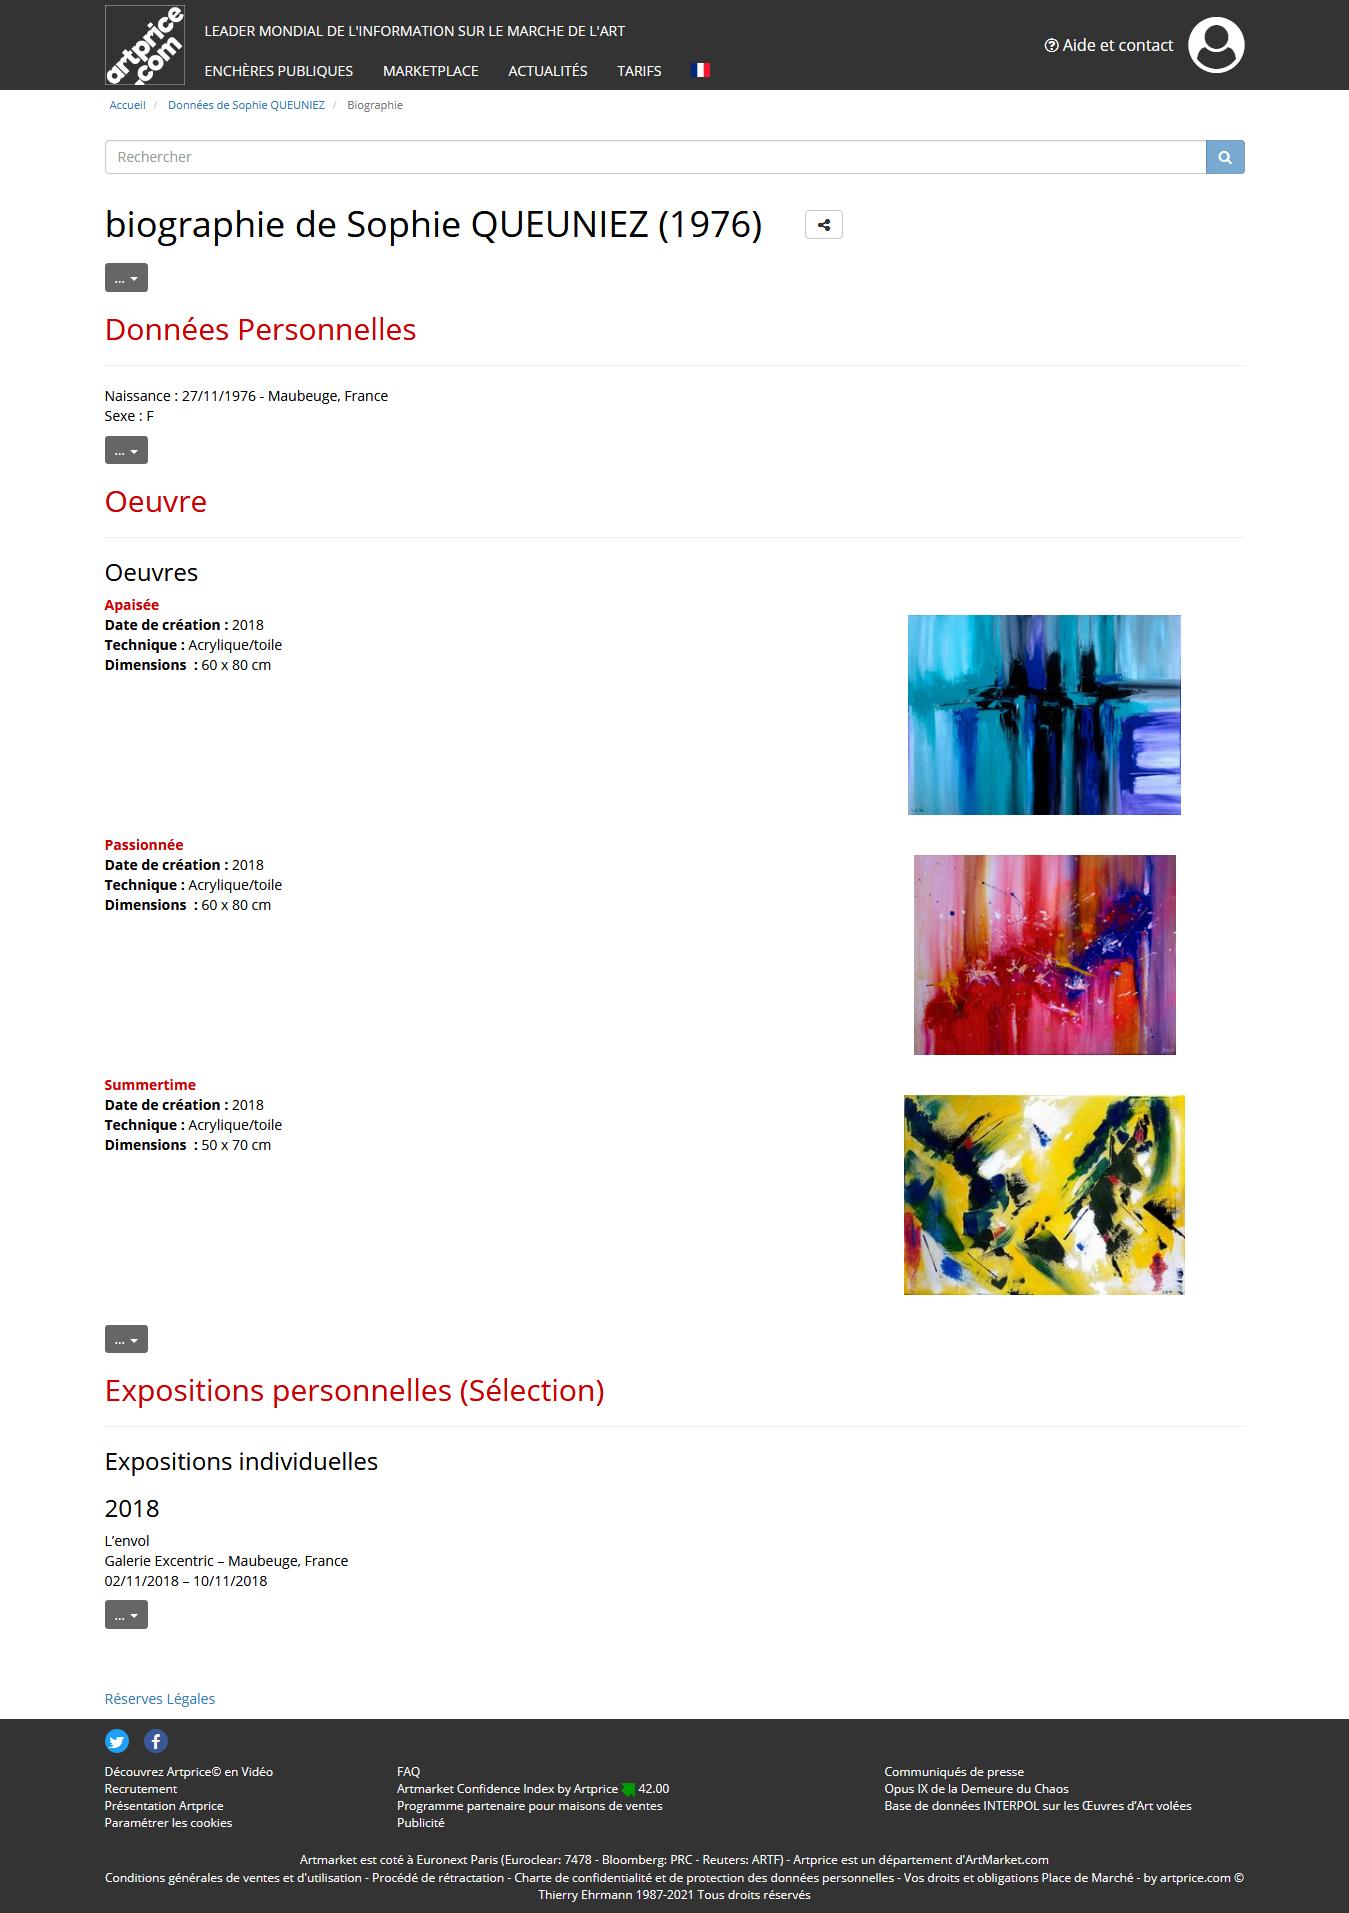 Screenshot 2021 03 13 biographie de sophie queuniez informations et ventes aux encheres des oeuvres de l artiste sophie que